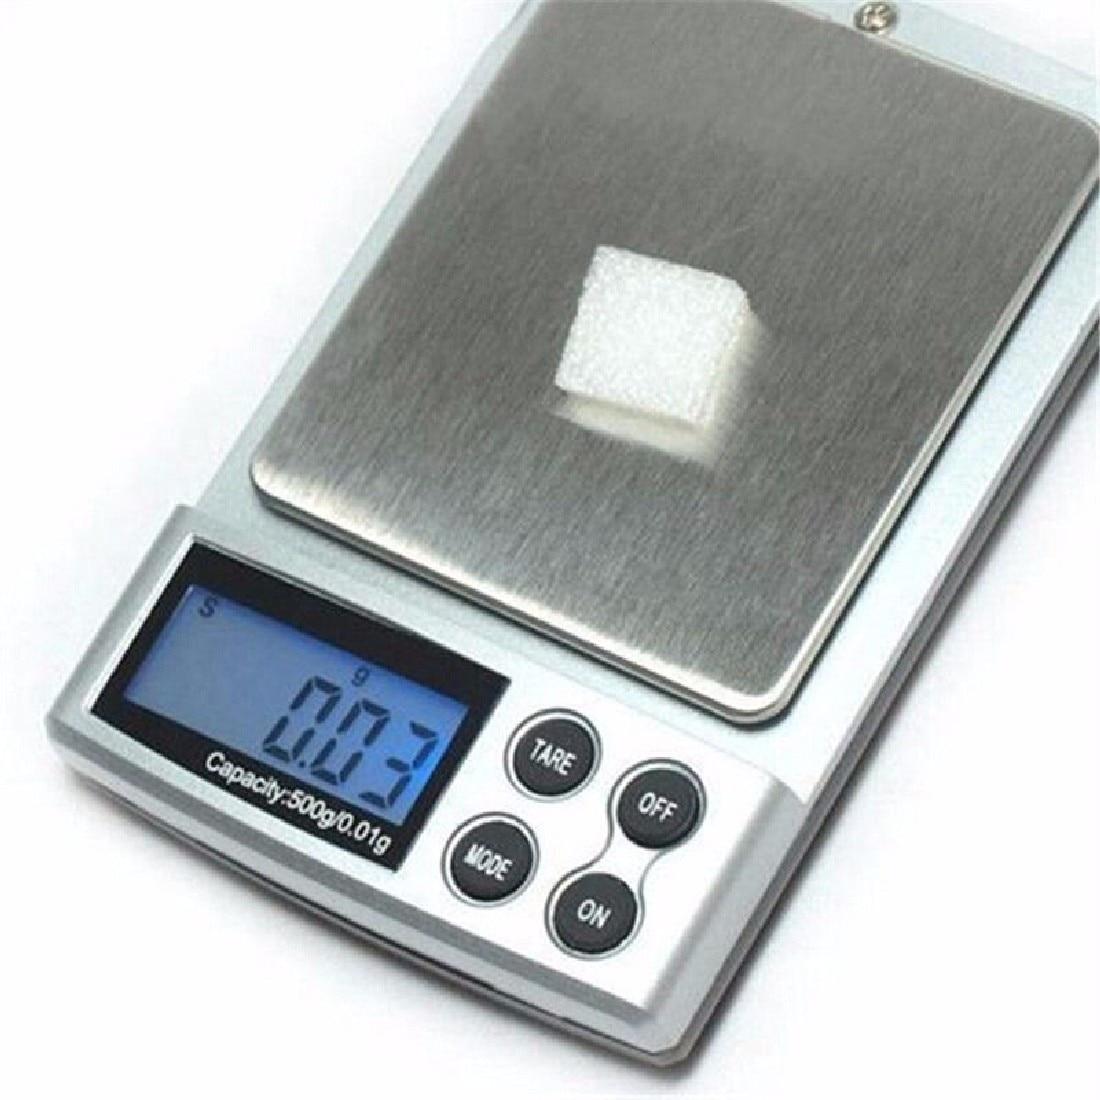 1個500g x 0.01gデジタル精密スケールゴールドシルバージュエリー重量バランススケールLCDディスプレイユニットポケット電子スケール